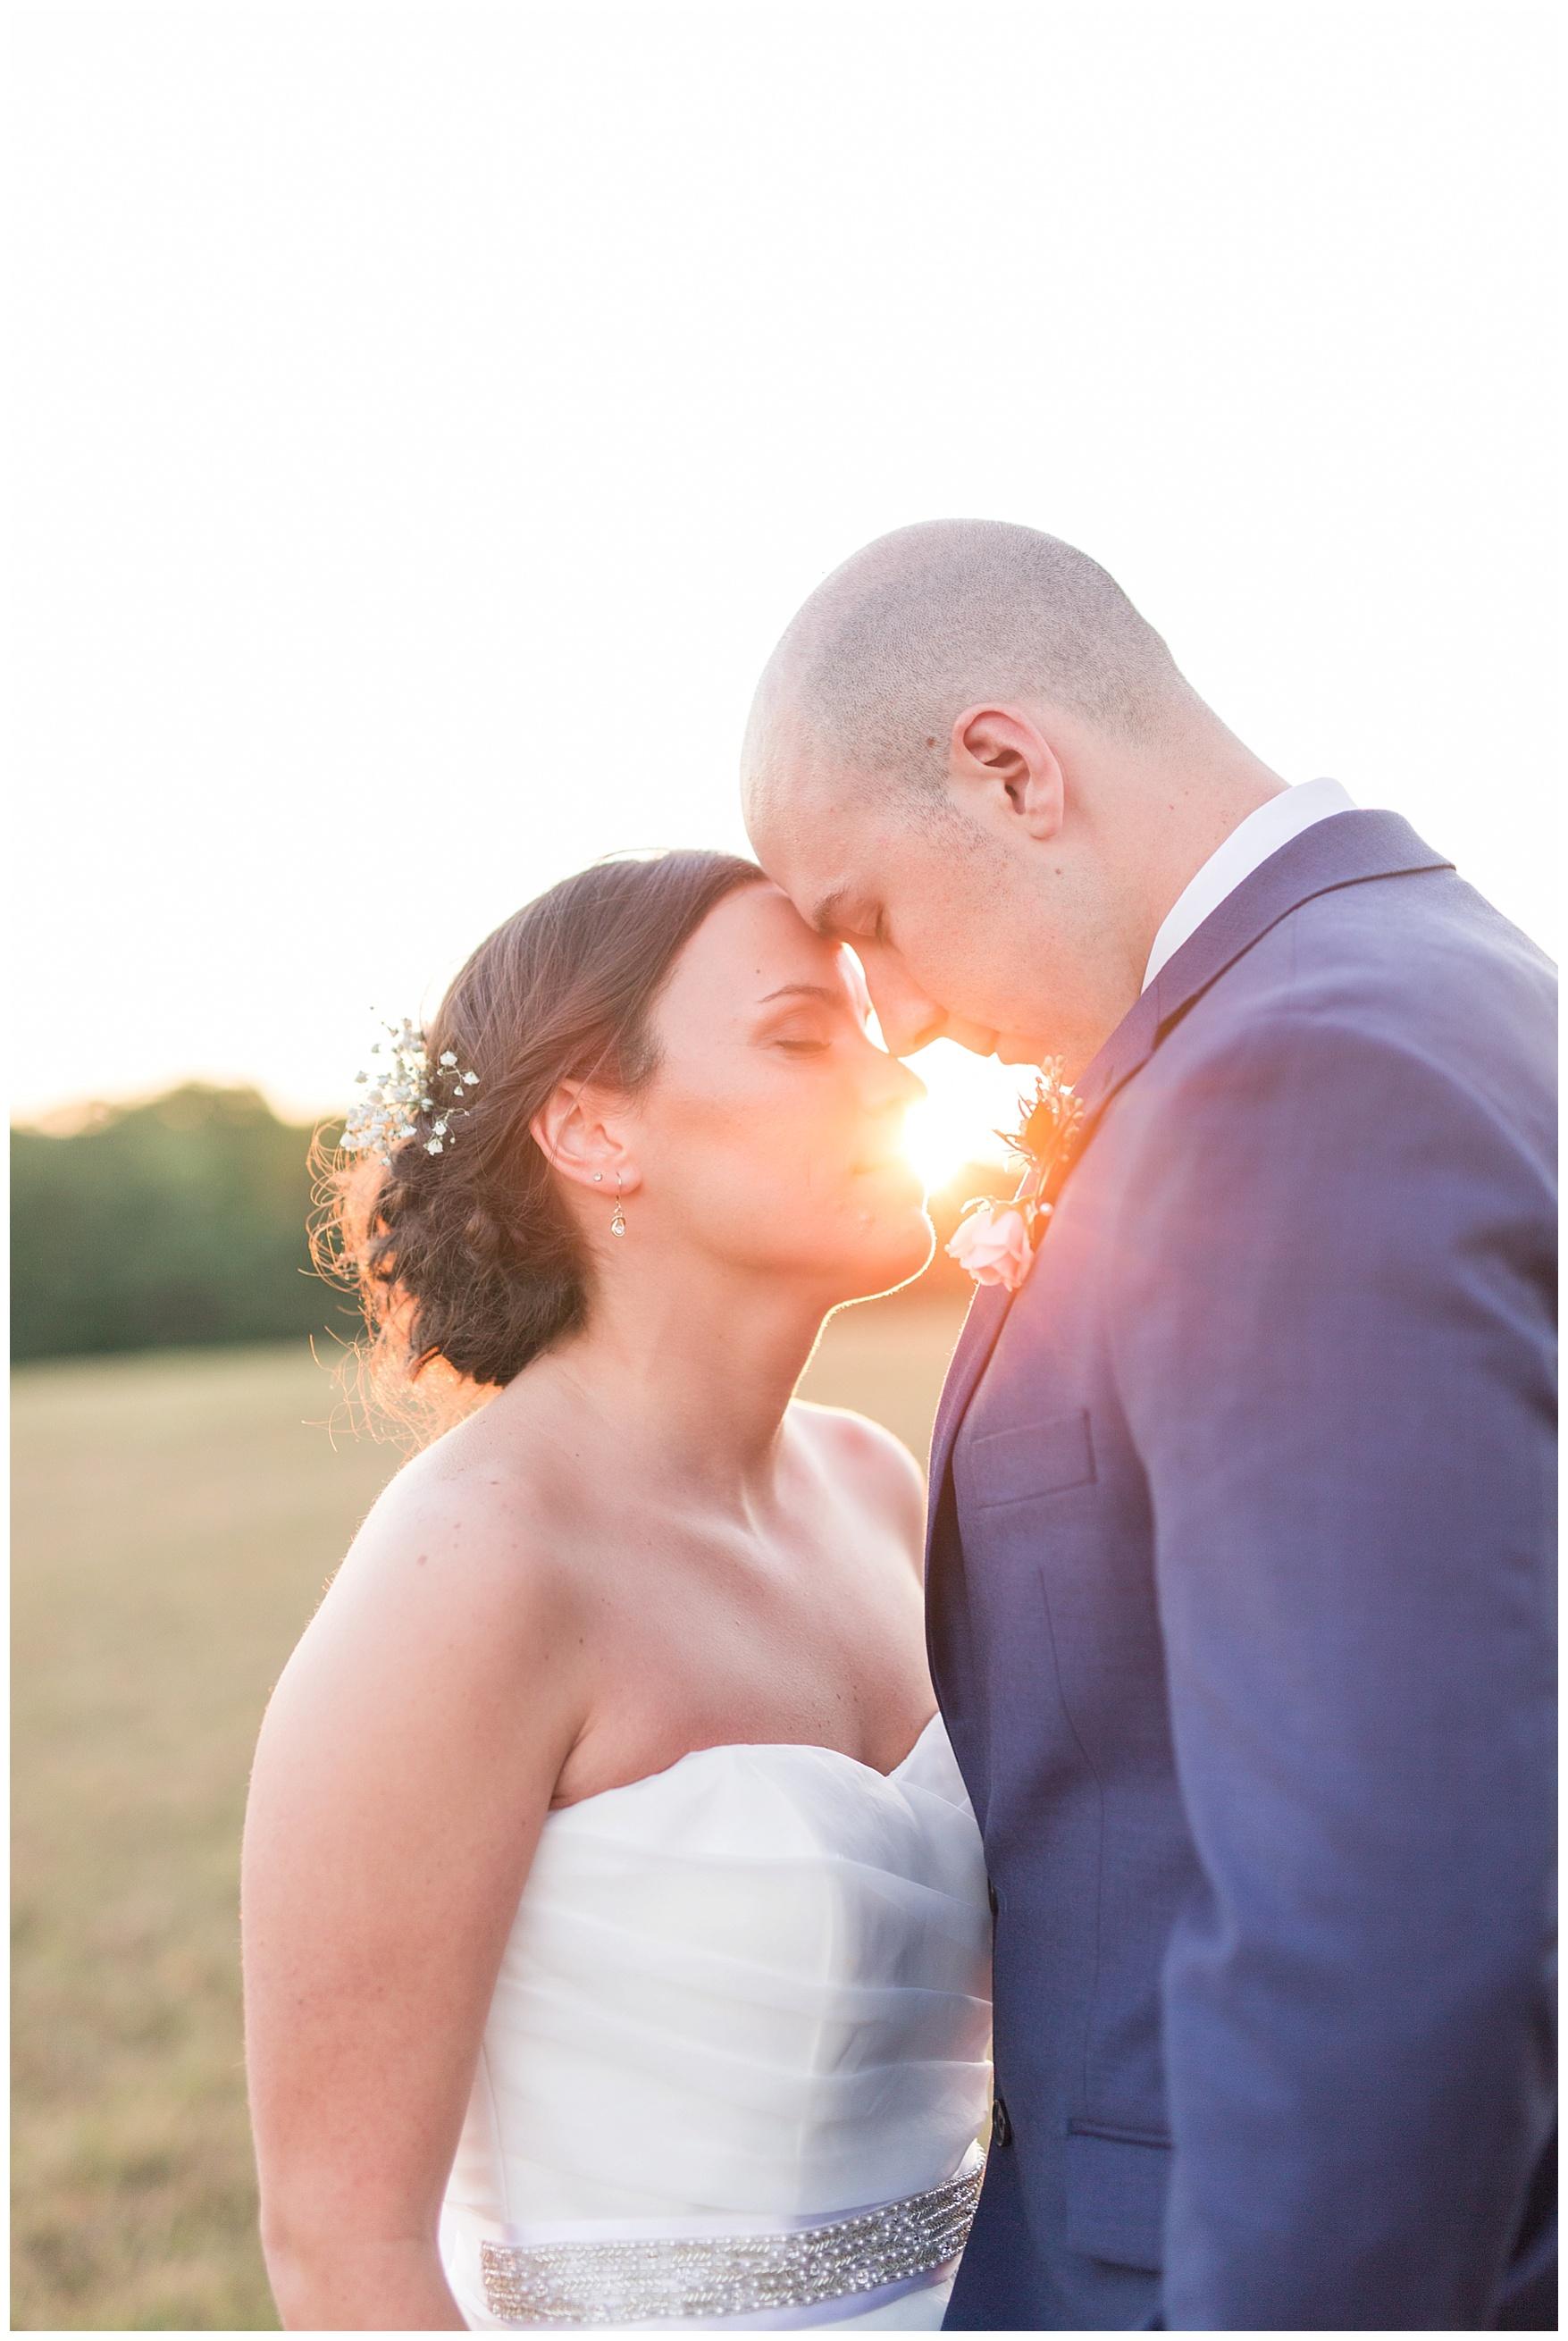 Write here…Lynchburg Virginia Wedding Photographer || Central Virginia Wedding Photos || Ashley Eiban Photography || www.ashleyeiban.com || The Glenn Wedding